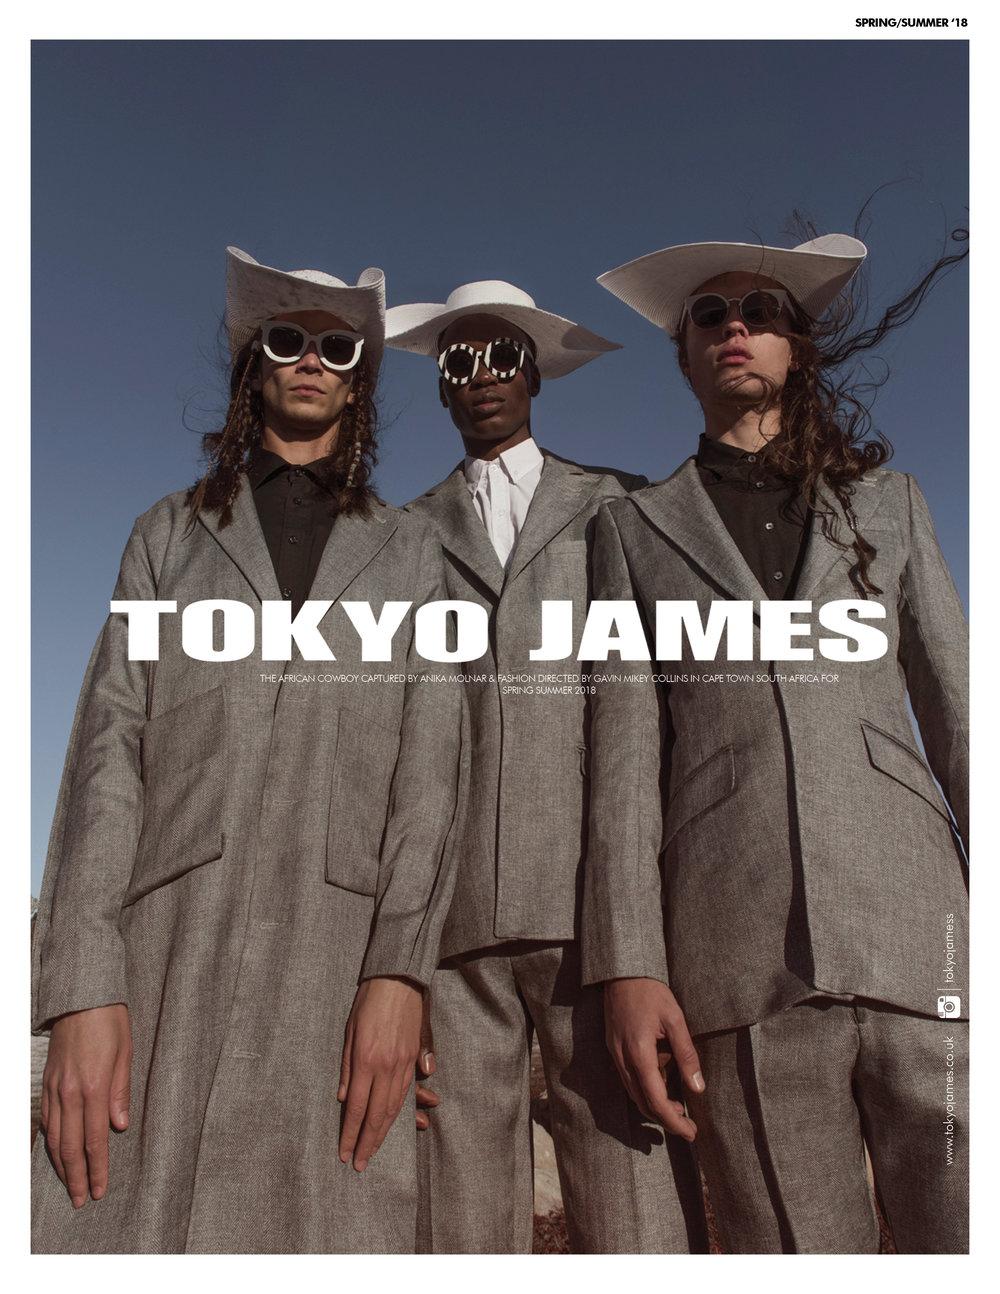 Tokyo James SS1824.jpg